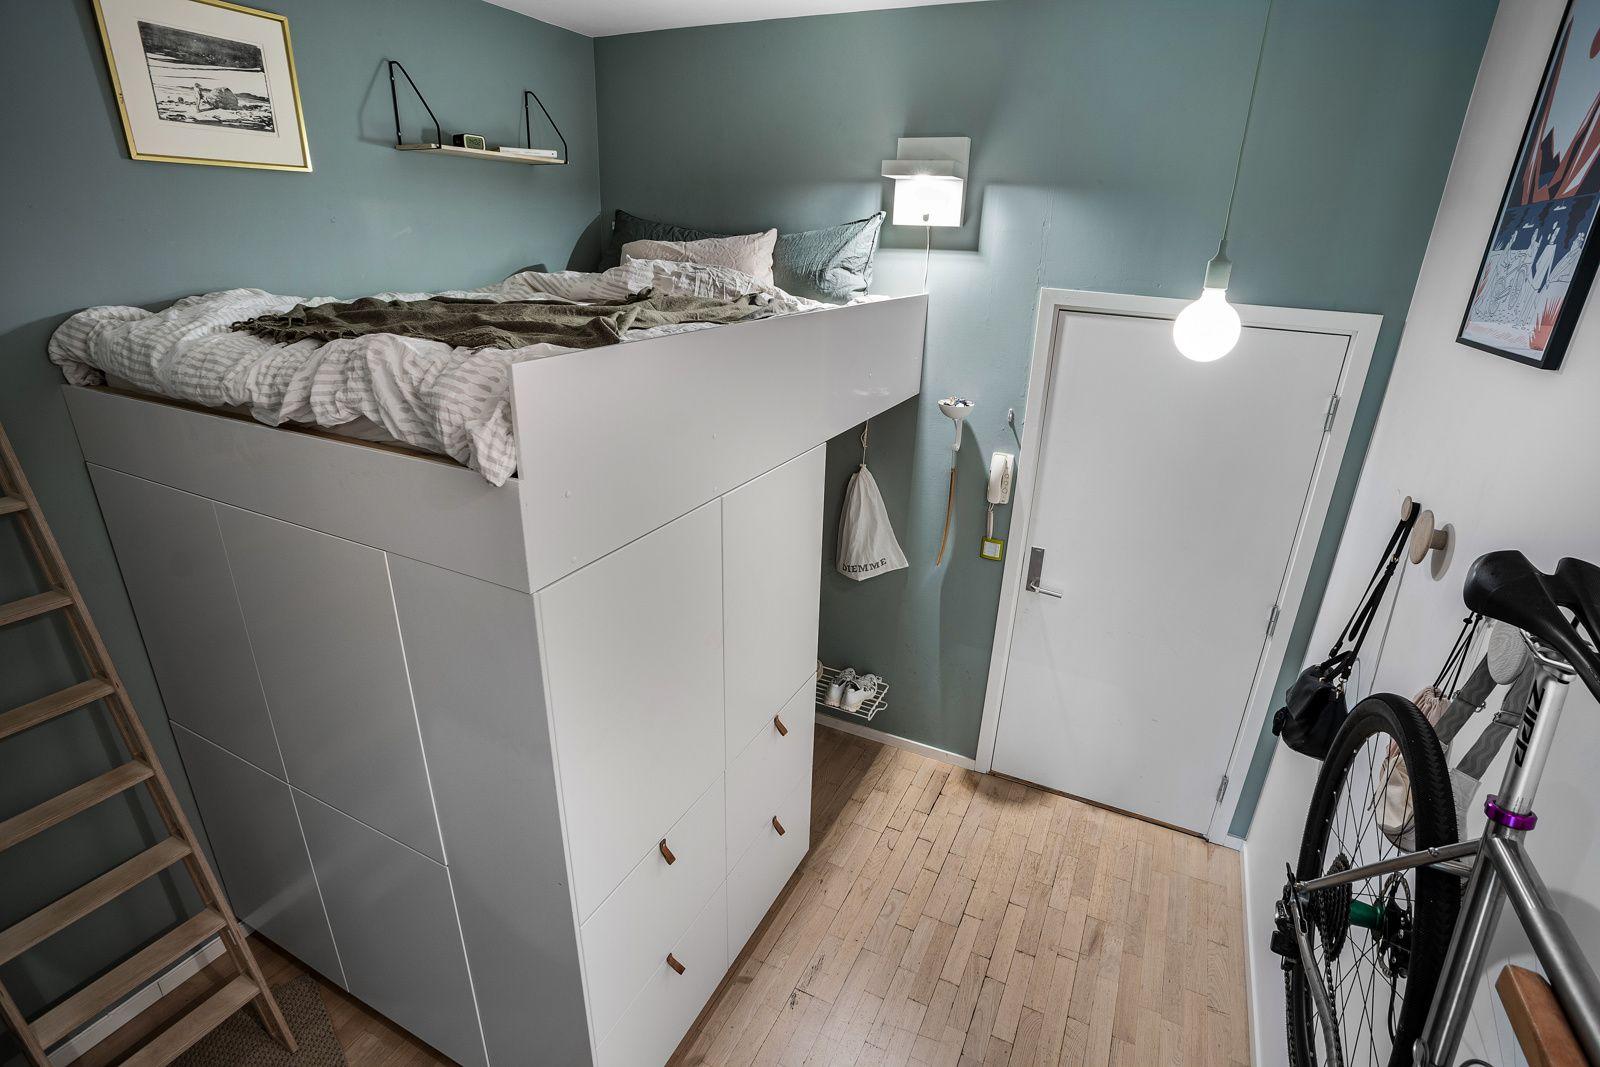 Christian Krohgs gate 30 Når du kommer inn i boligen, er det første du møter en lys entré. Oppgangen har en app-styrt dørklokke med videofunksjon. Det er adkomst via felles trappeoppgang med heis.